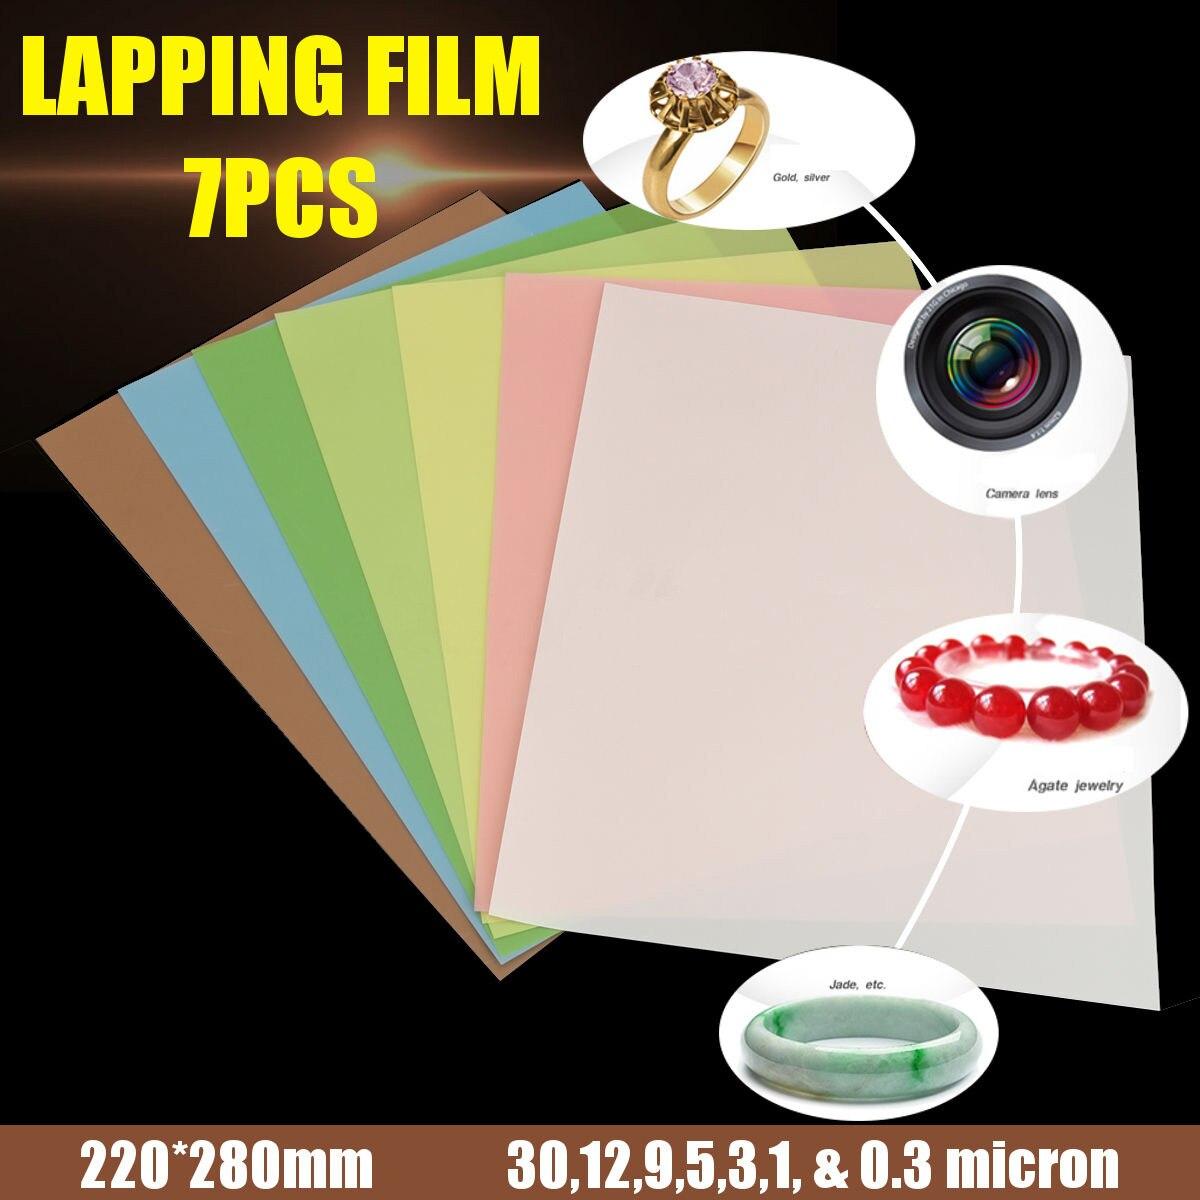 7PCS 8.7x11 3 Metre Microfinishing Sheet Lapping Film Assortment 30,12,9,3,1,5 0.3